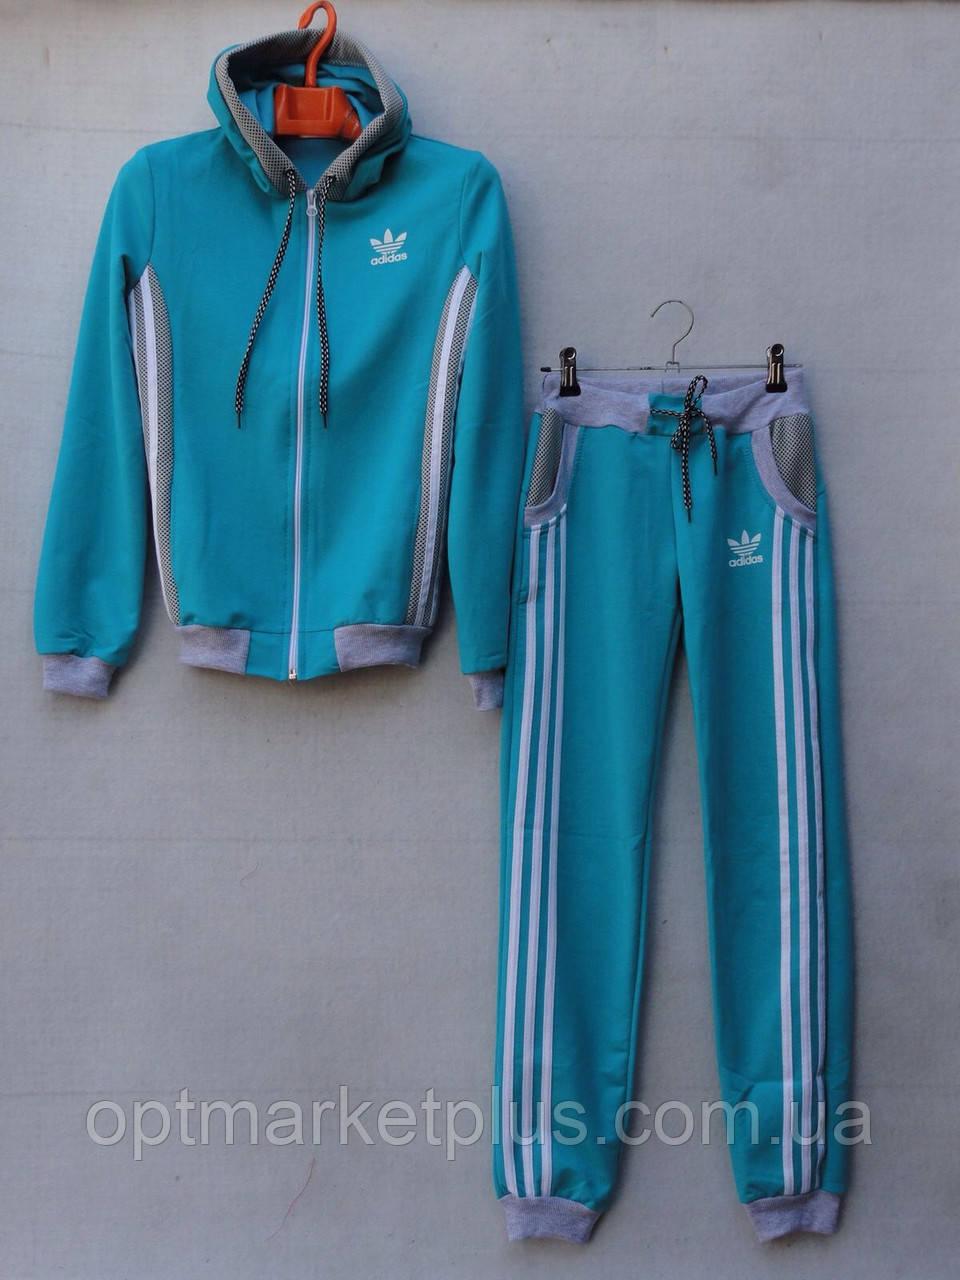 Спортивні костюми для дівчаток (8-12 років) купити оптом від складу 7 км Одеса